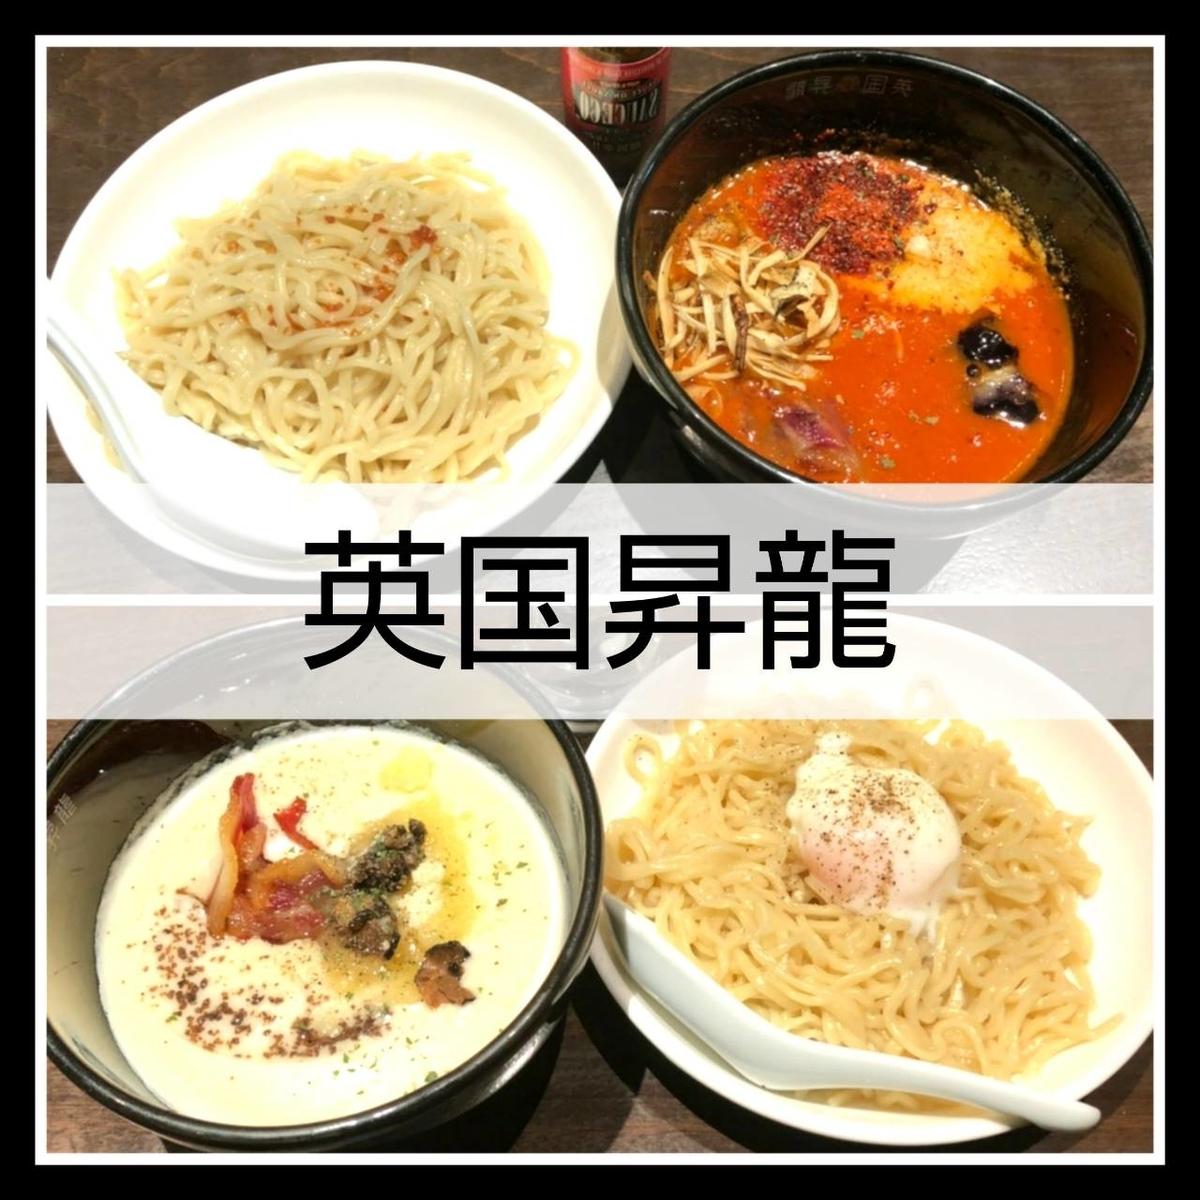 英国昇竜つけ麺ロゴ iggy2019